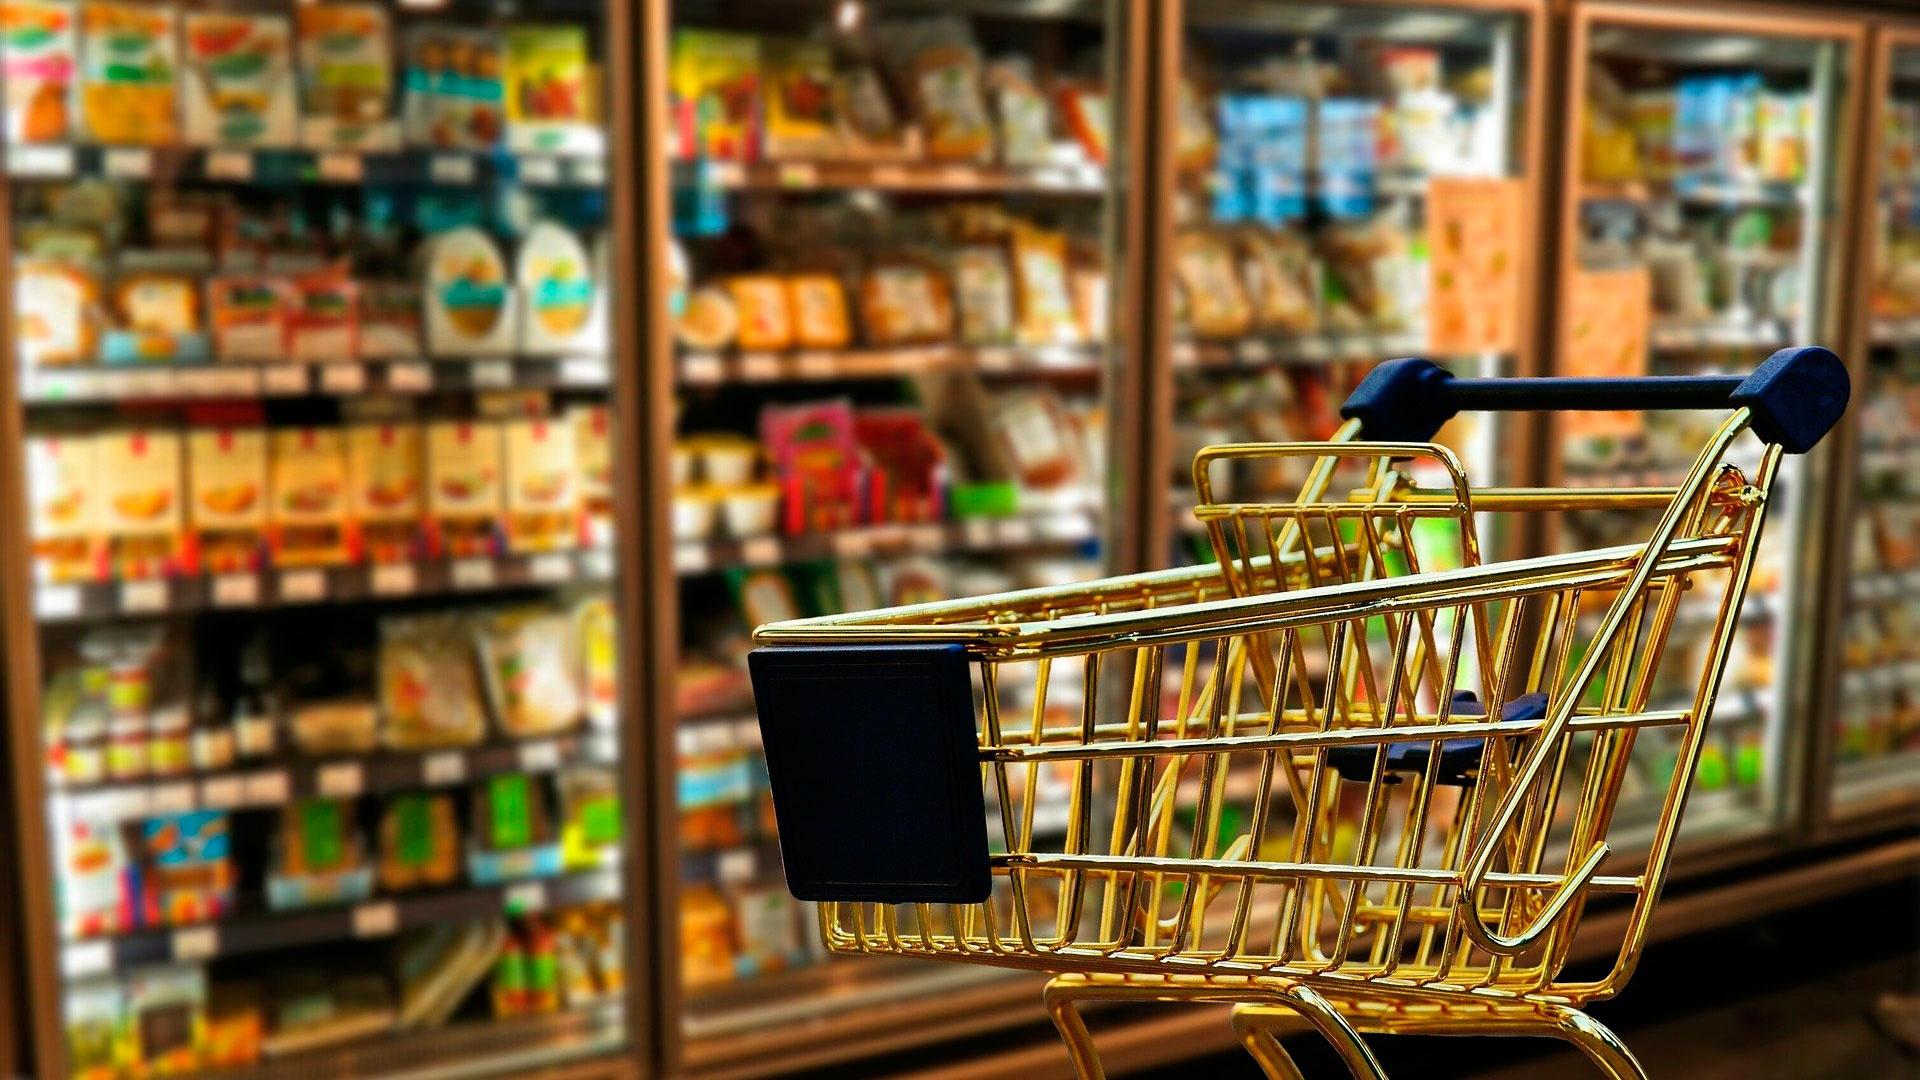 Ученые выяснили вероятность заражения коронавирусом в супермаркете